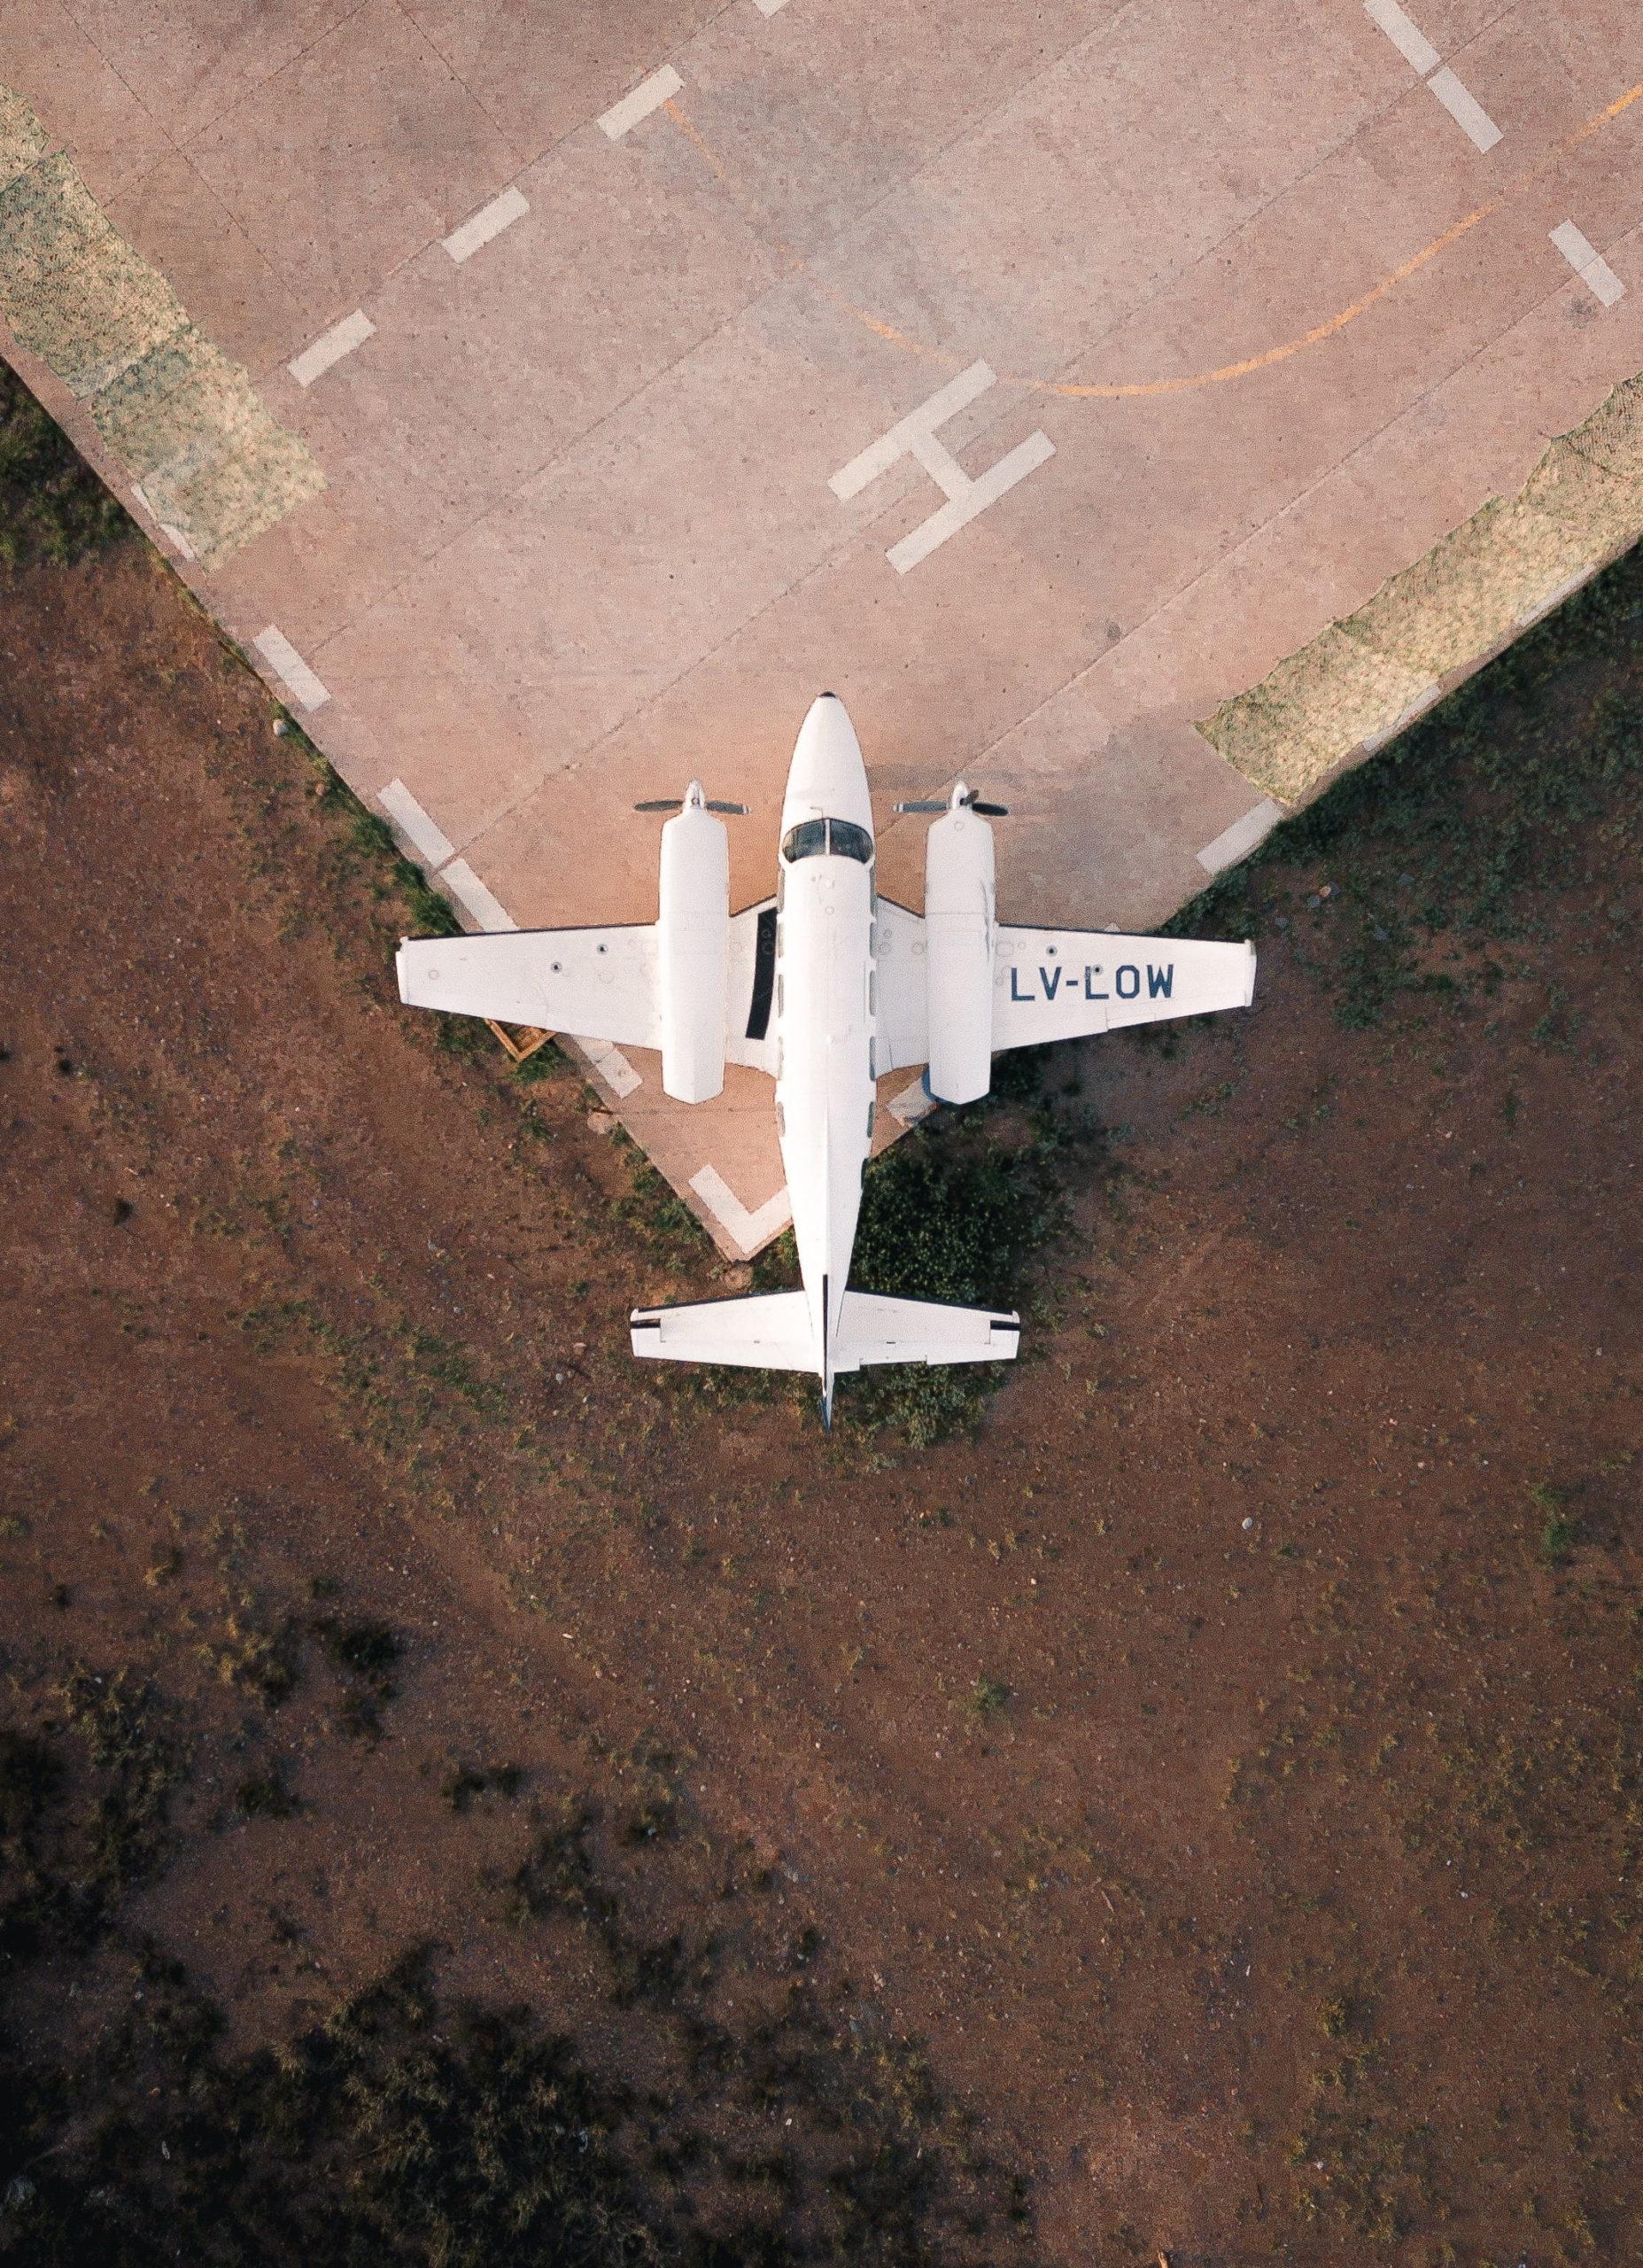 Vue du ciel d'un avion bimoteur